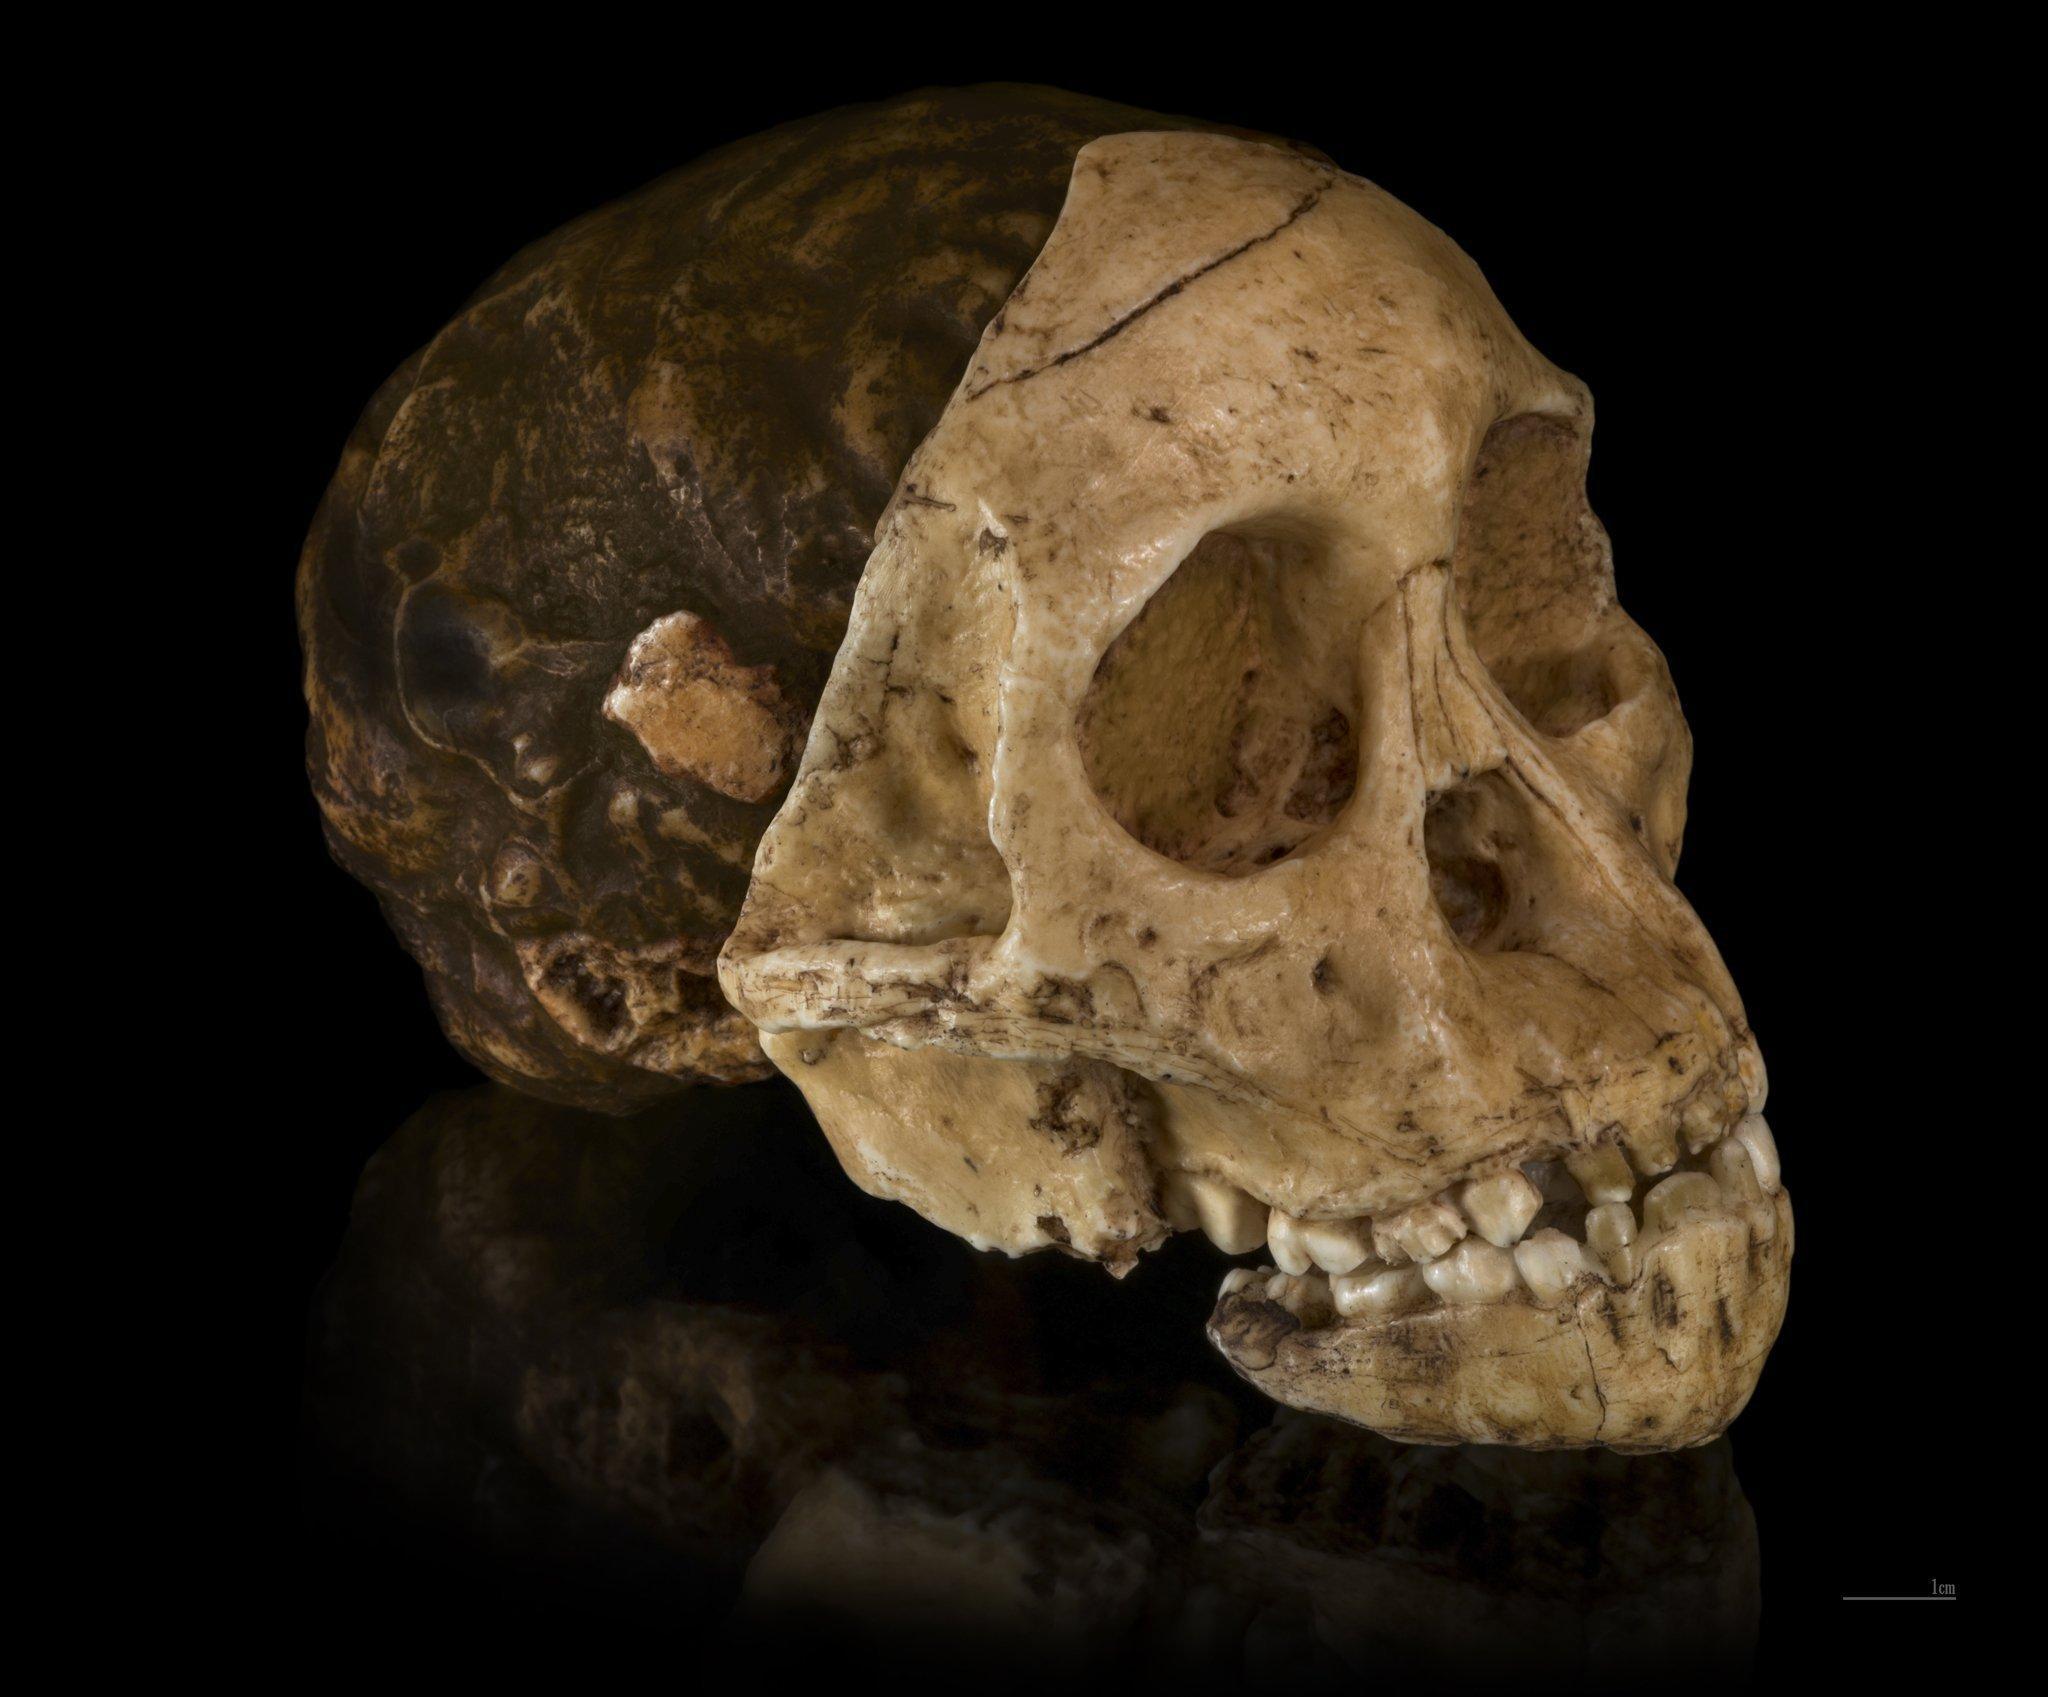 Hier ist die Versteinerung eines in Südafrika gefundenen Schädels zu sehen, der einst einem jungen, affenähnlichen Wesen gehörte. Es wird als Kind von Taung bekannt und von Professor Raymond Dart untersucht. Dem Forscher wird klar: In Südafrika lebte in der Urzeit ein seltsames Mischwesen zwischen Affe und Mensch.